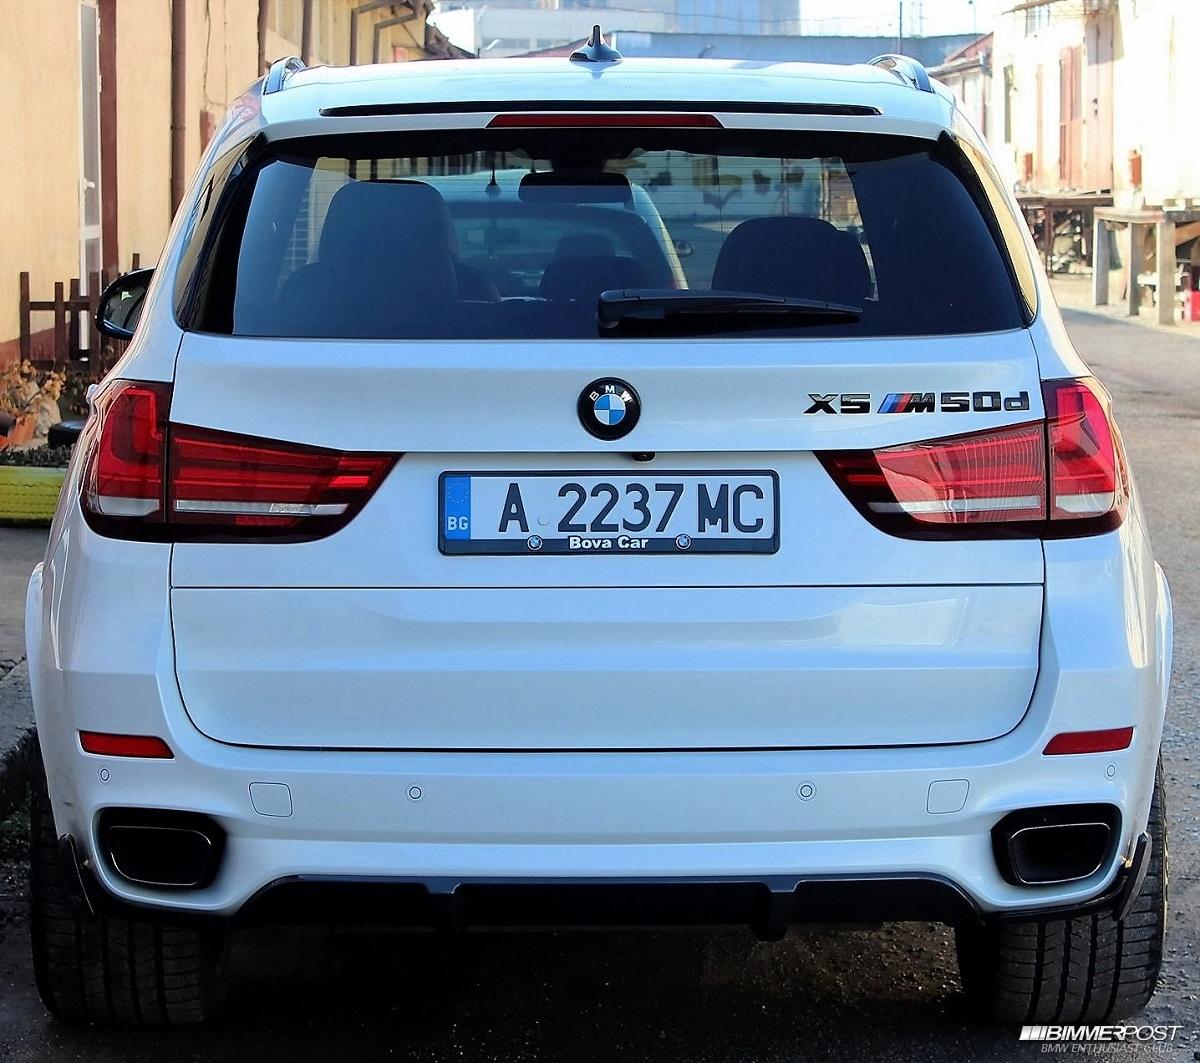 2015 Bmw I8 Transmission: Teodorjelev's 2015 BMW X5 M50d